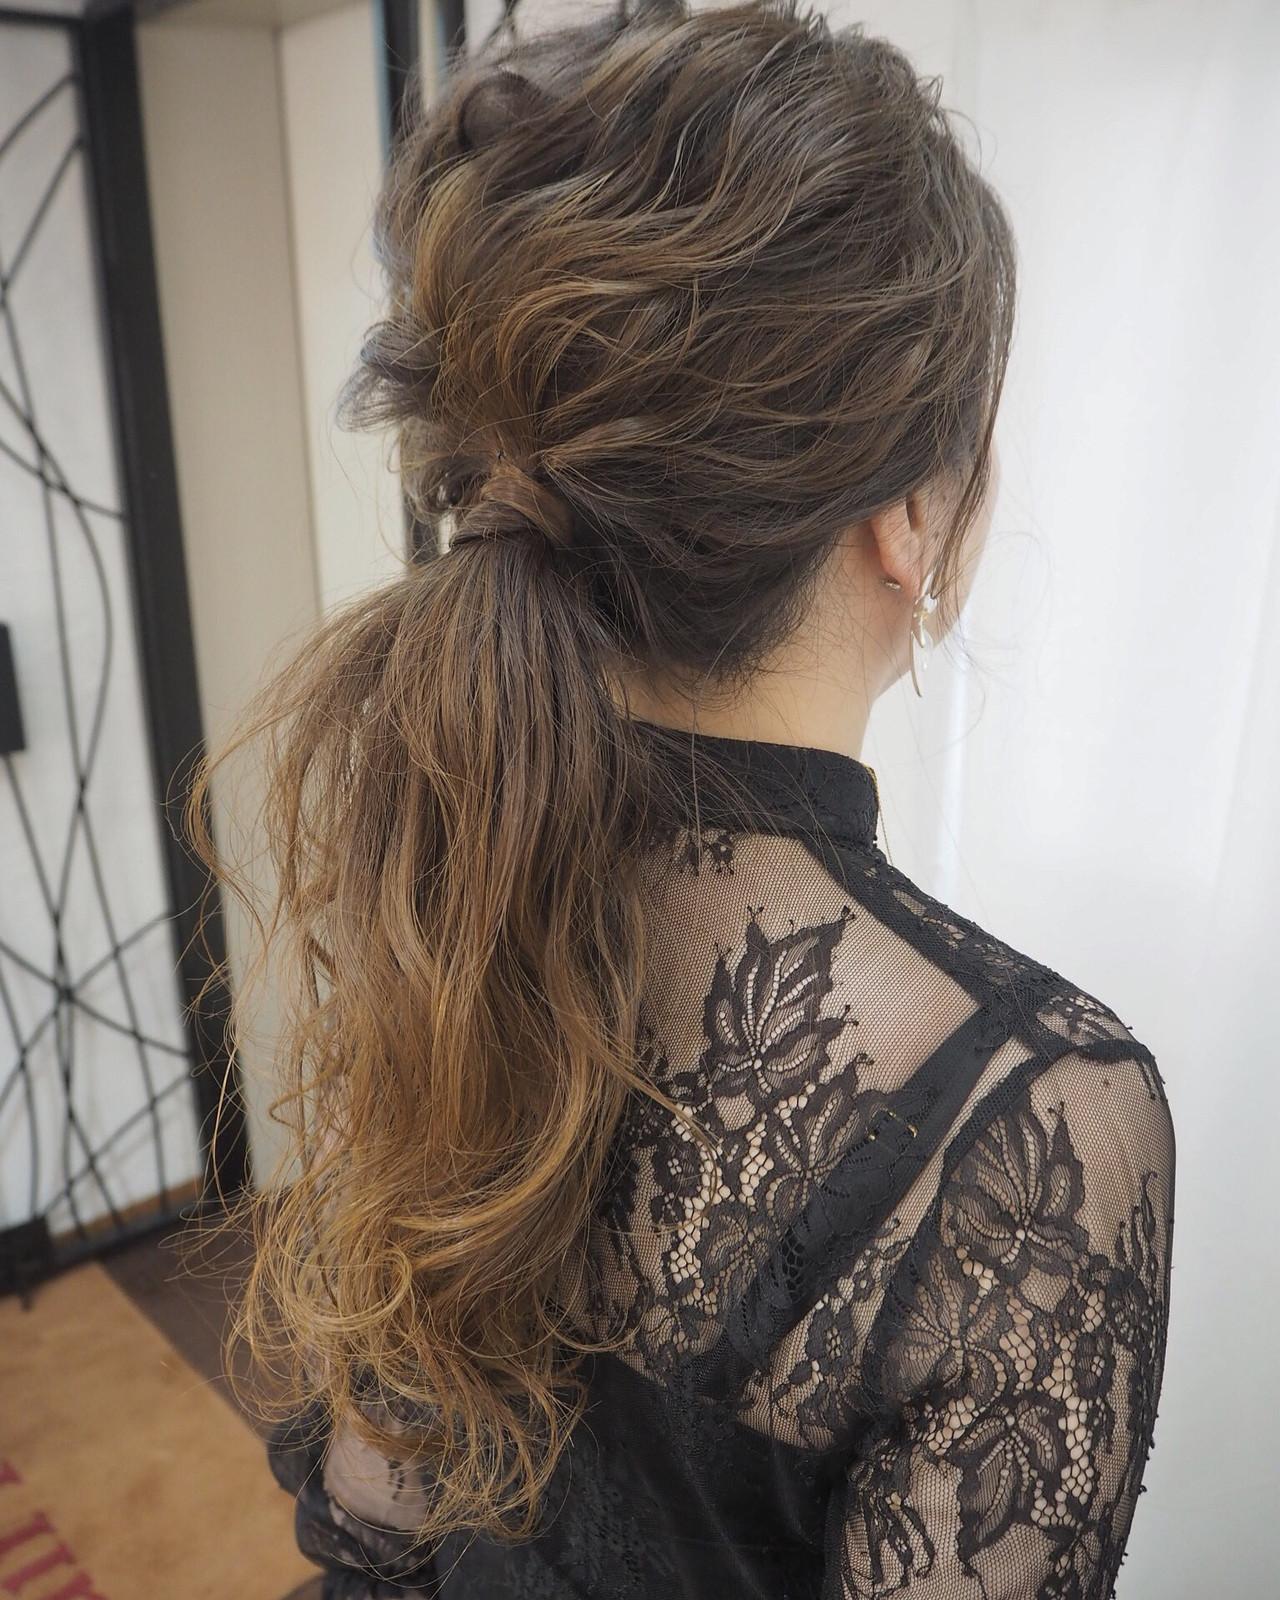 結婚式 デート 簡単ヘアアレンジ ナチュラル ヘアスタイルや髪型の写真・画像 | 宮迫 真美 / airfeel